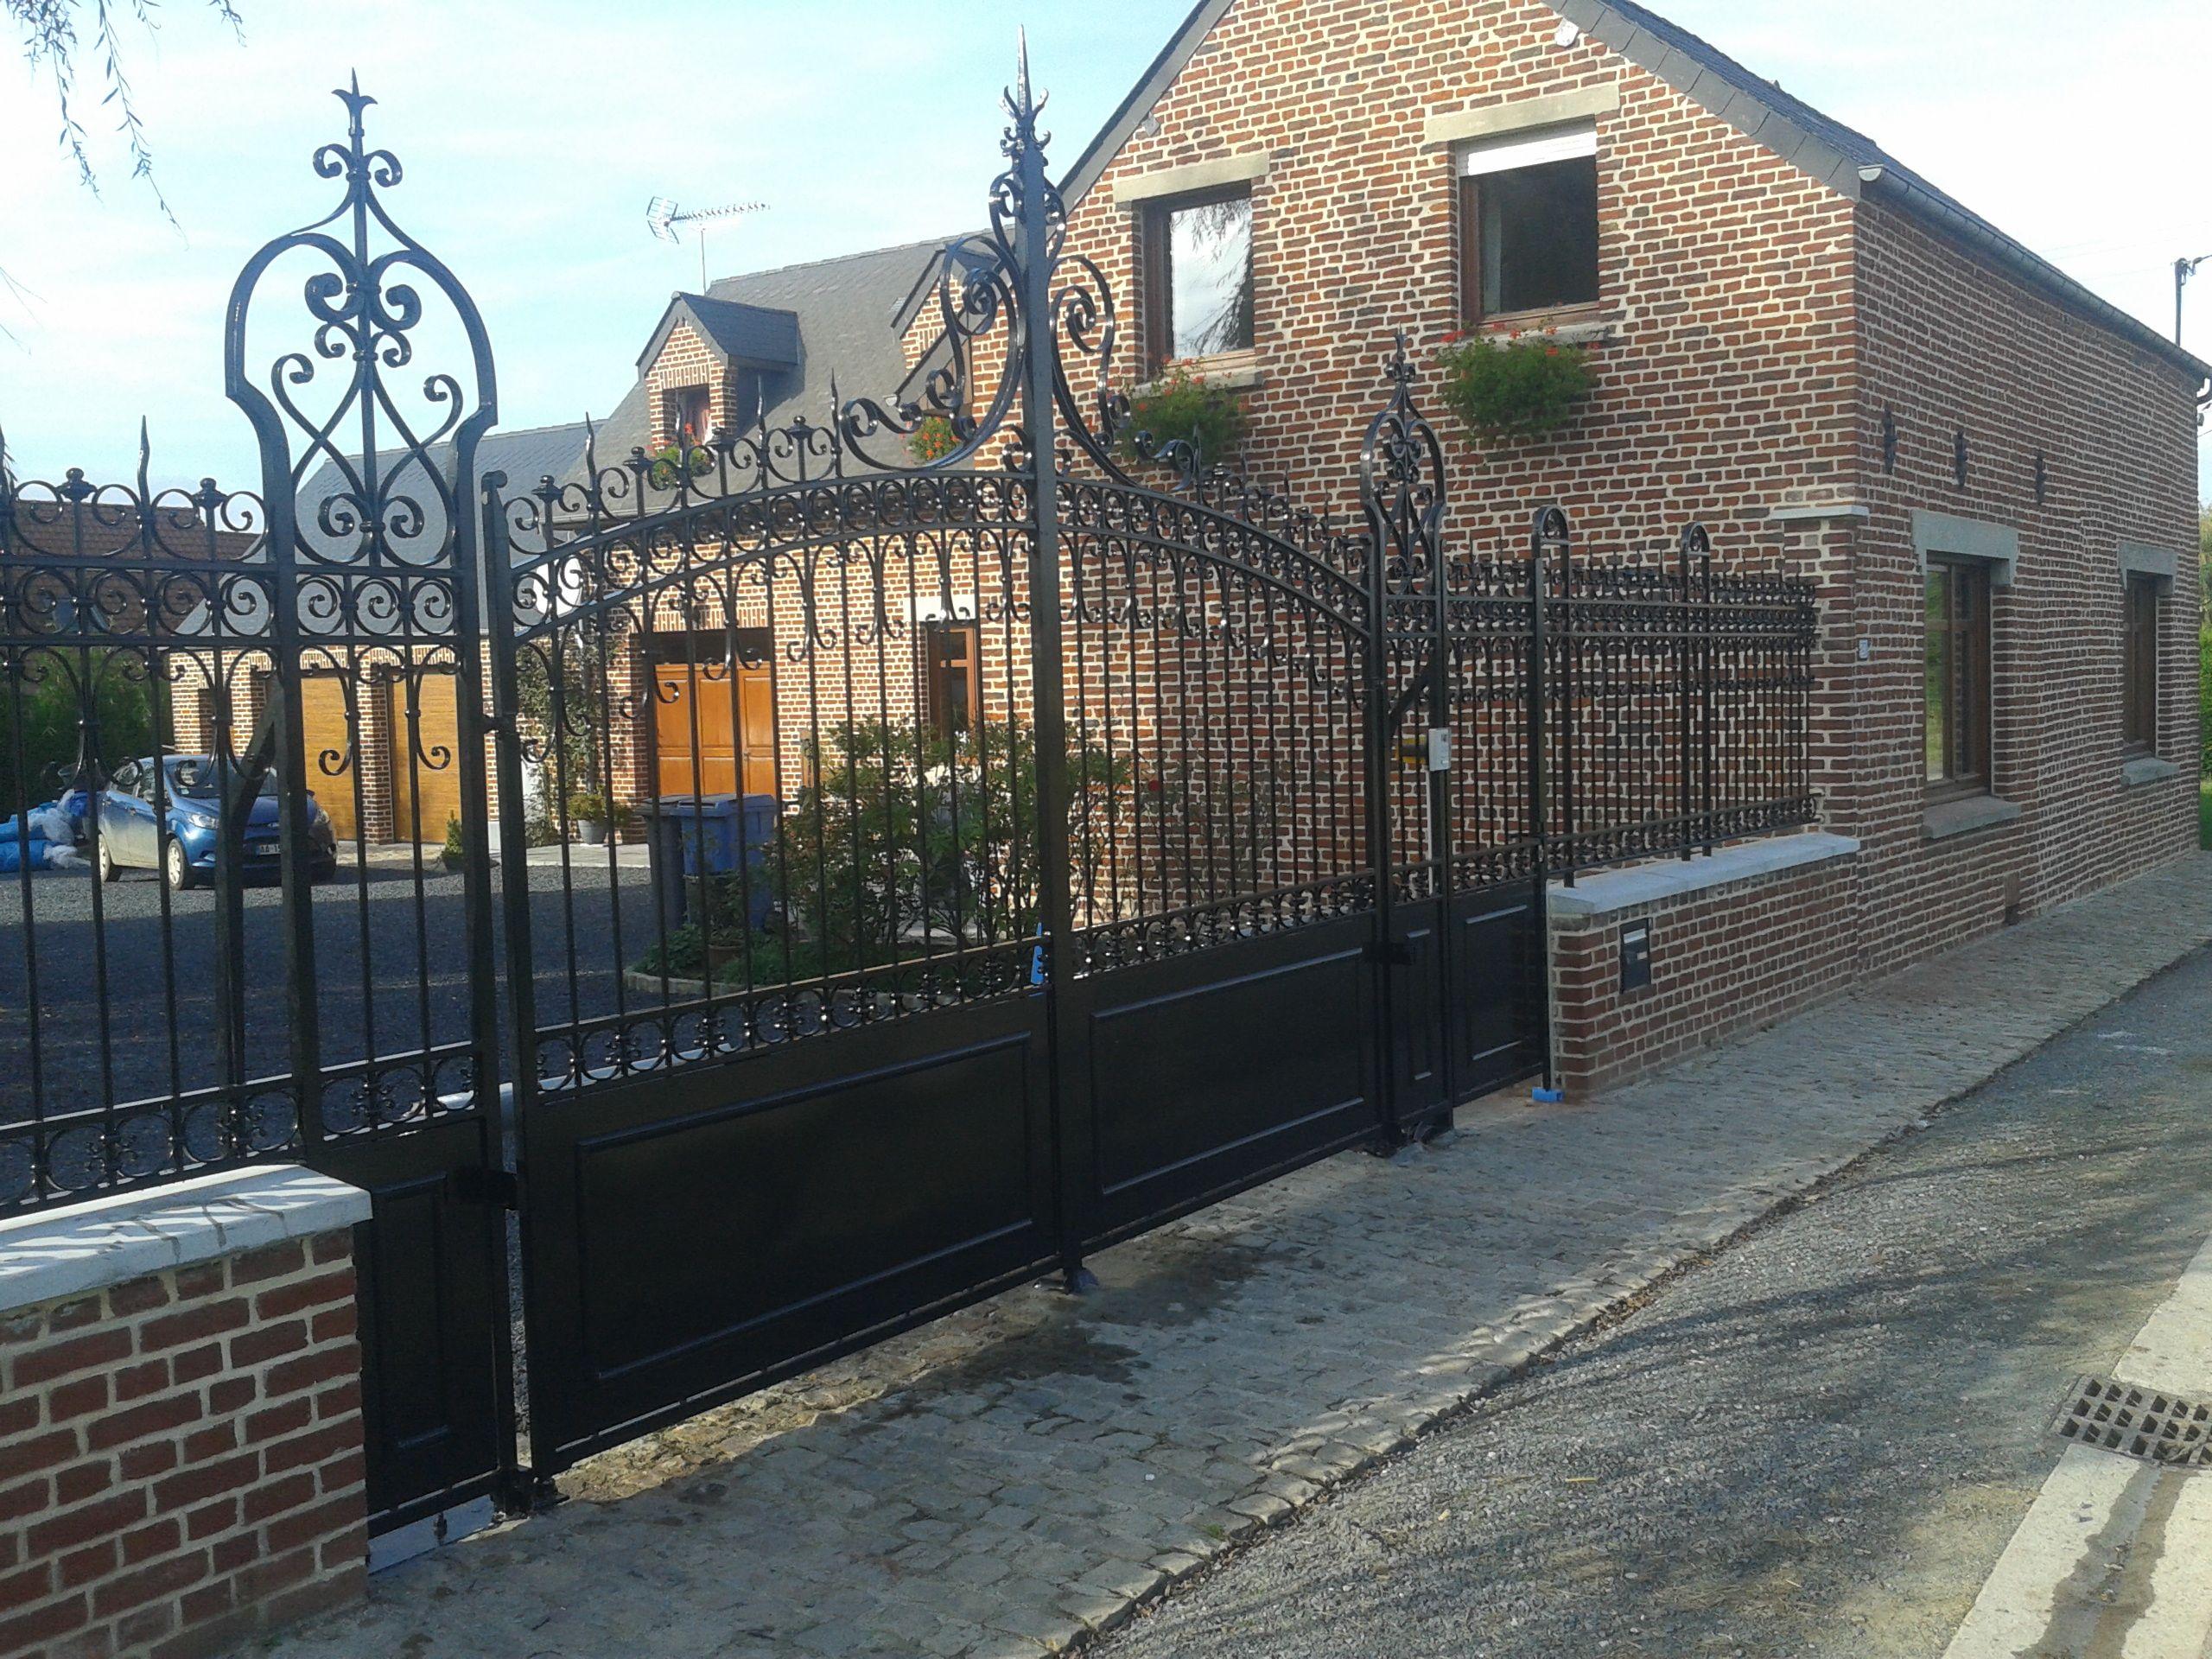 Ce portail et son ensemble de grilles de murets sont reproduits au détail près par rapport à l'ancienne façade. Une renaissance!